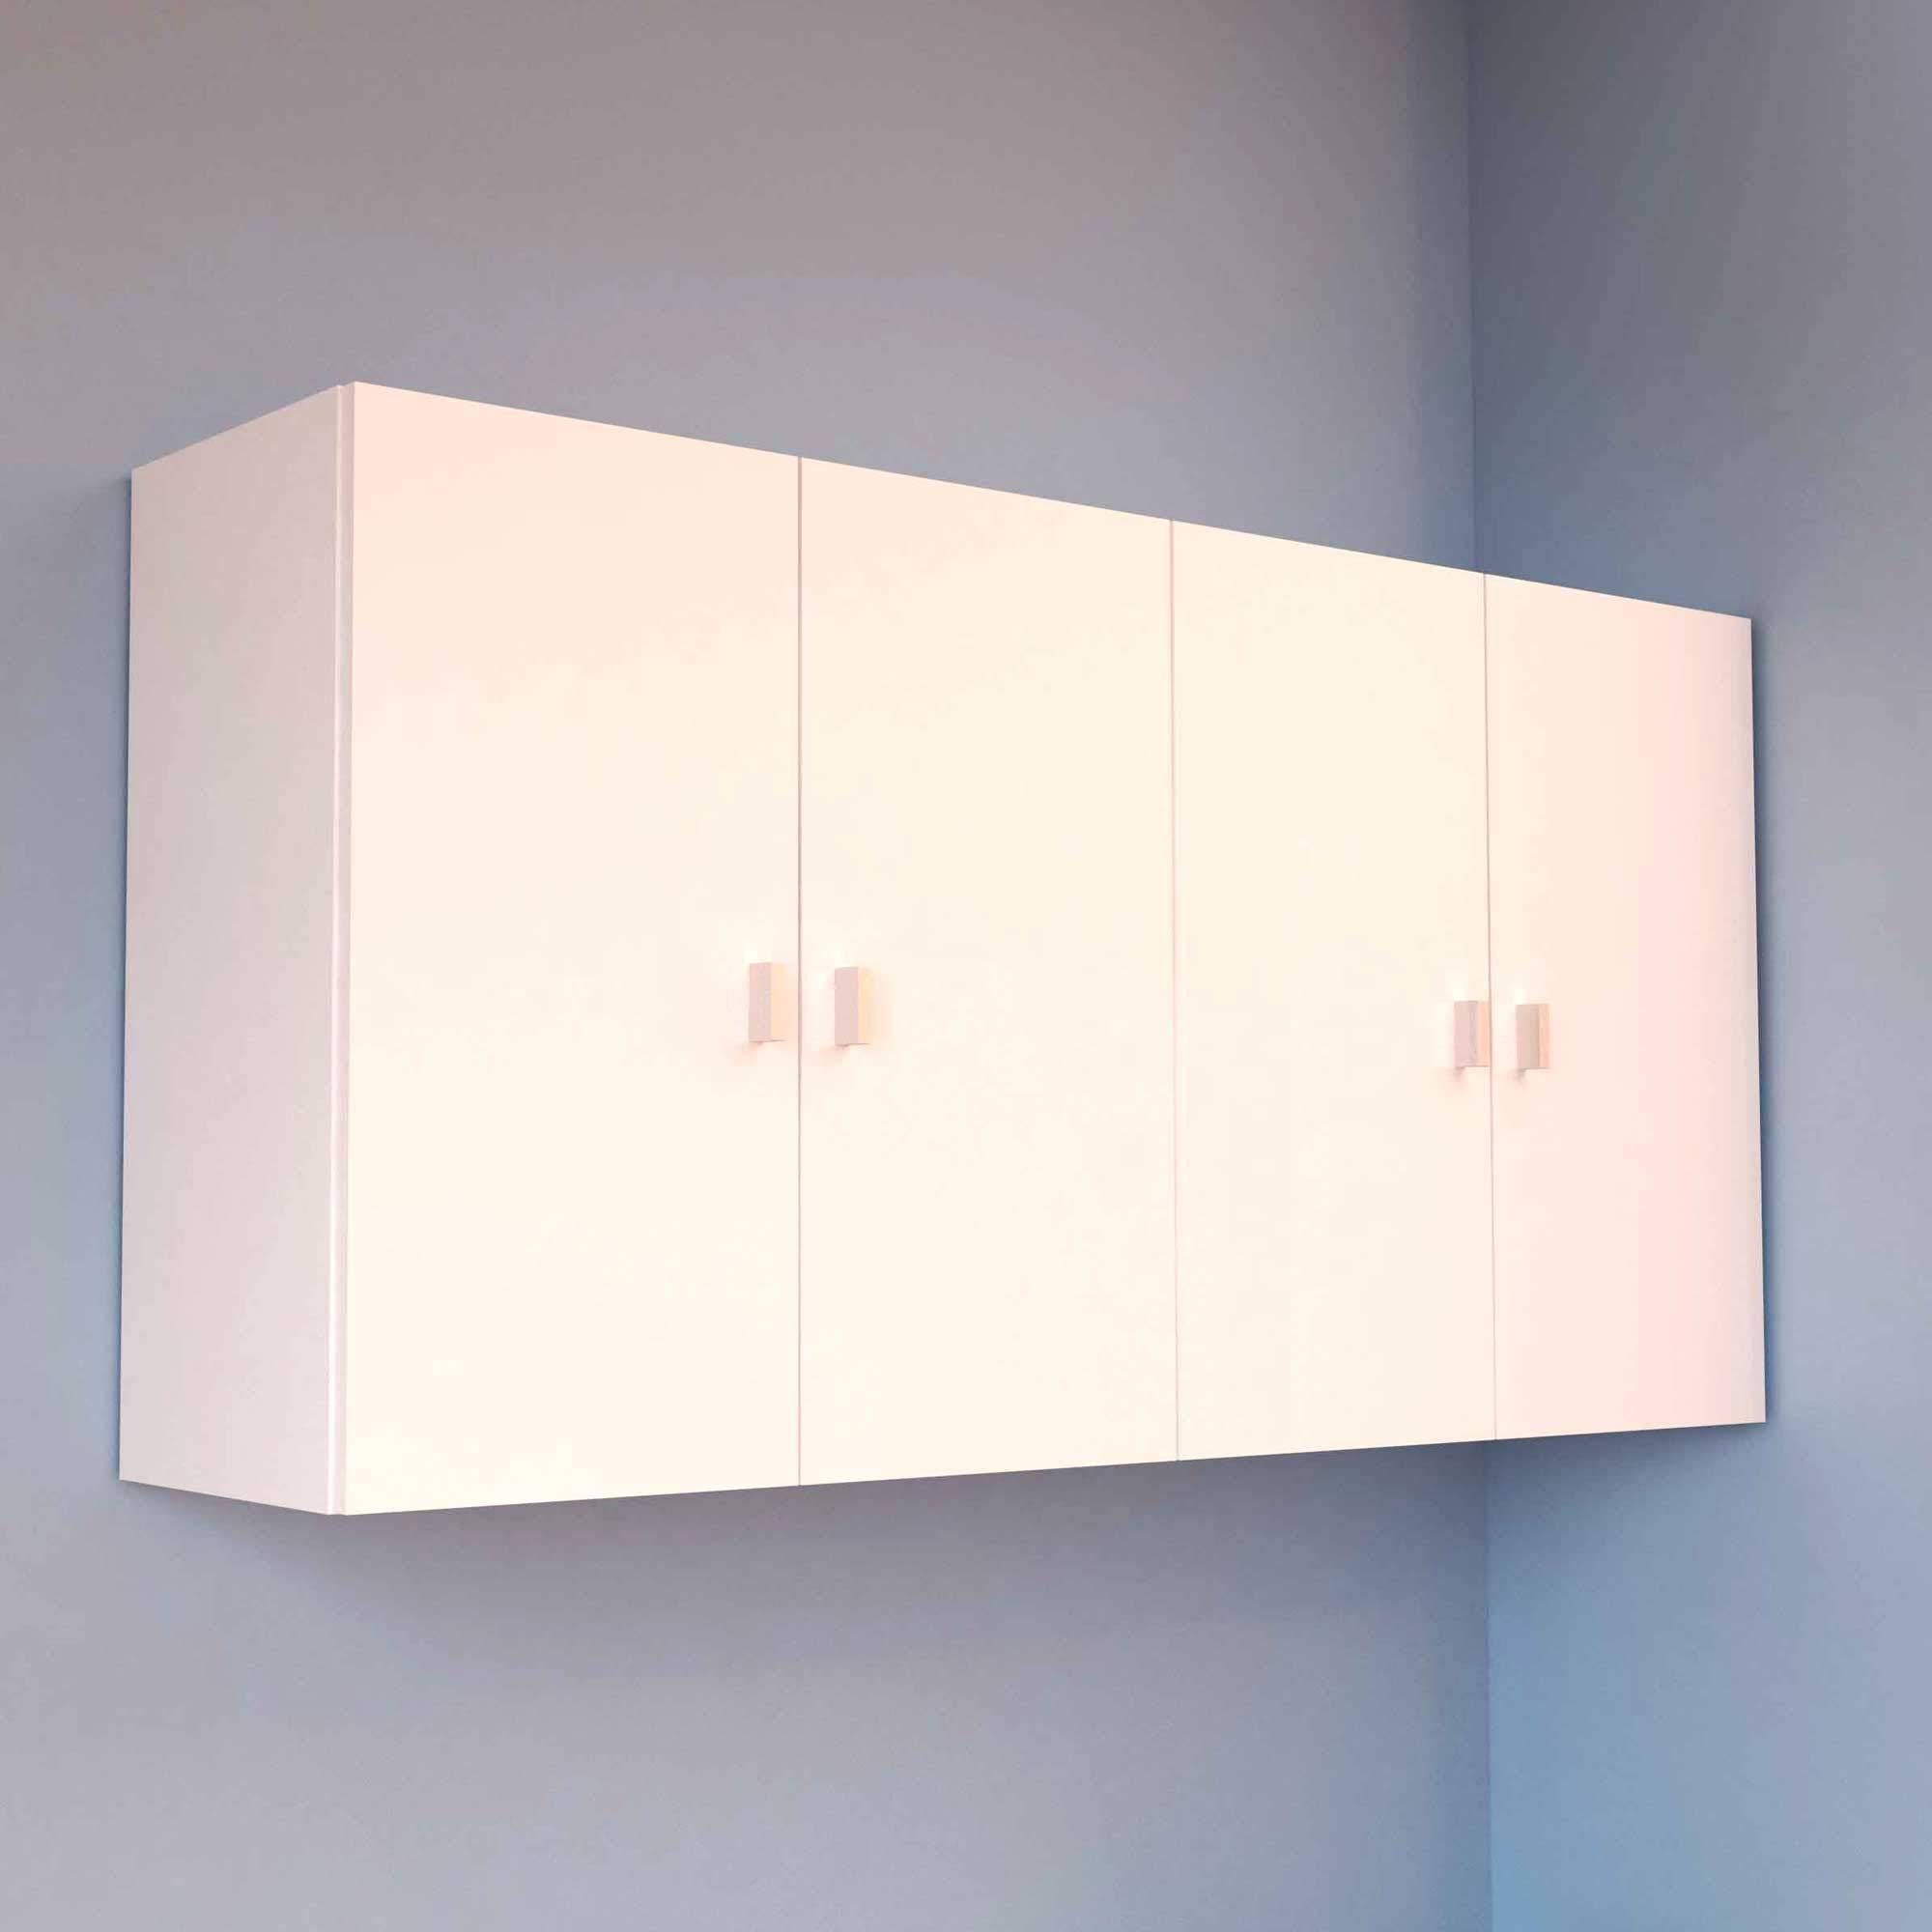 Samblo Senchi Armario de cocina 2 puertas color blanco » Toppym Toledo 718bda914180